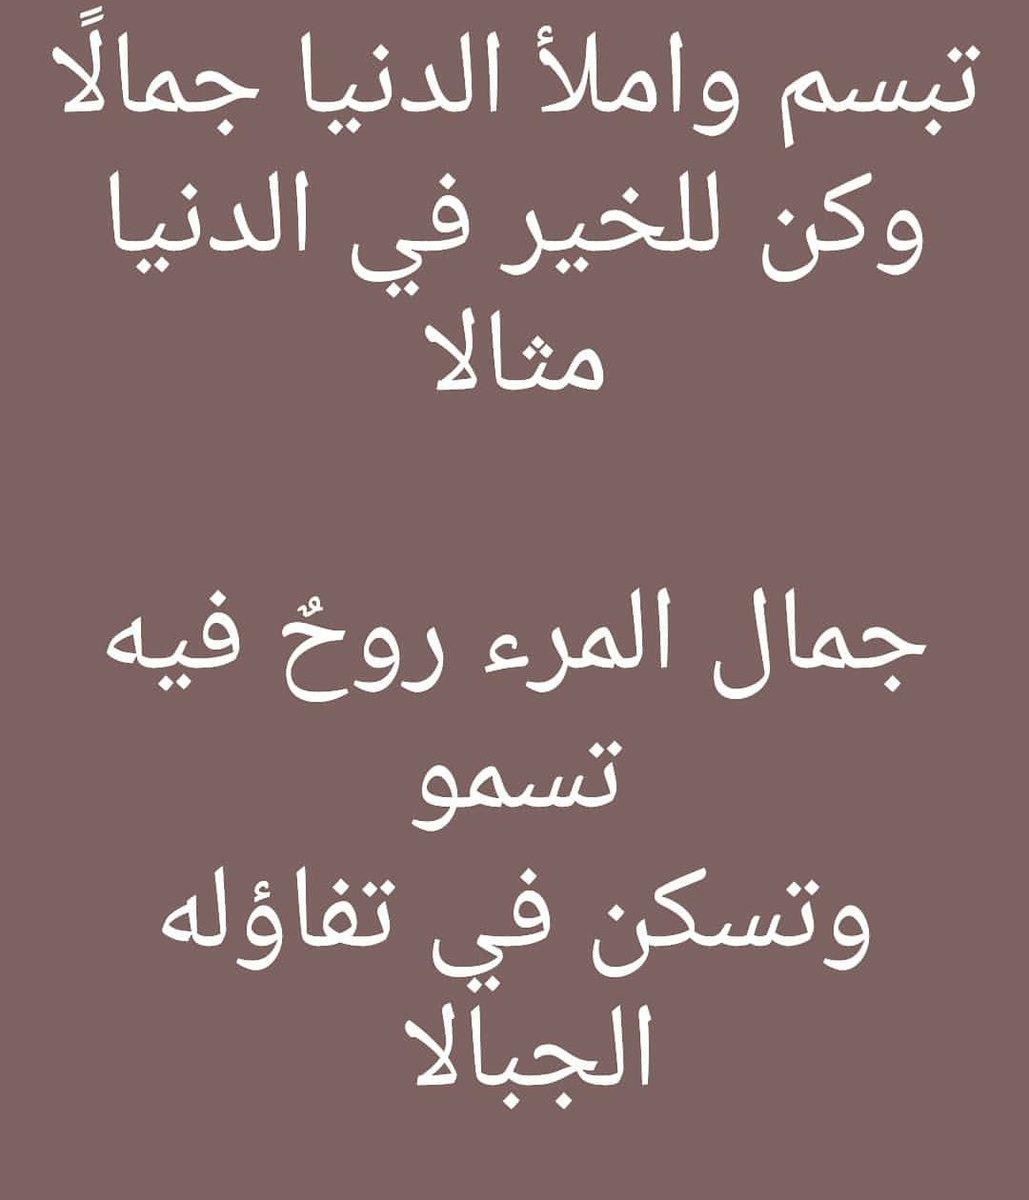 اشهد ان لا اله الا الله واشهد ان محمد رسول الله